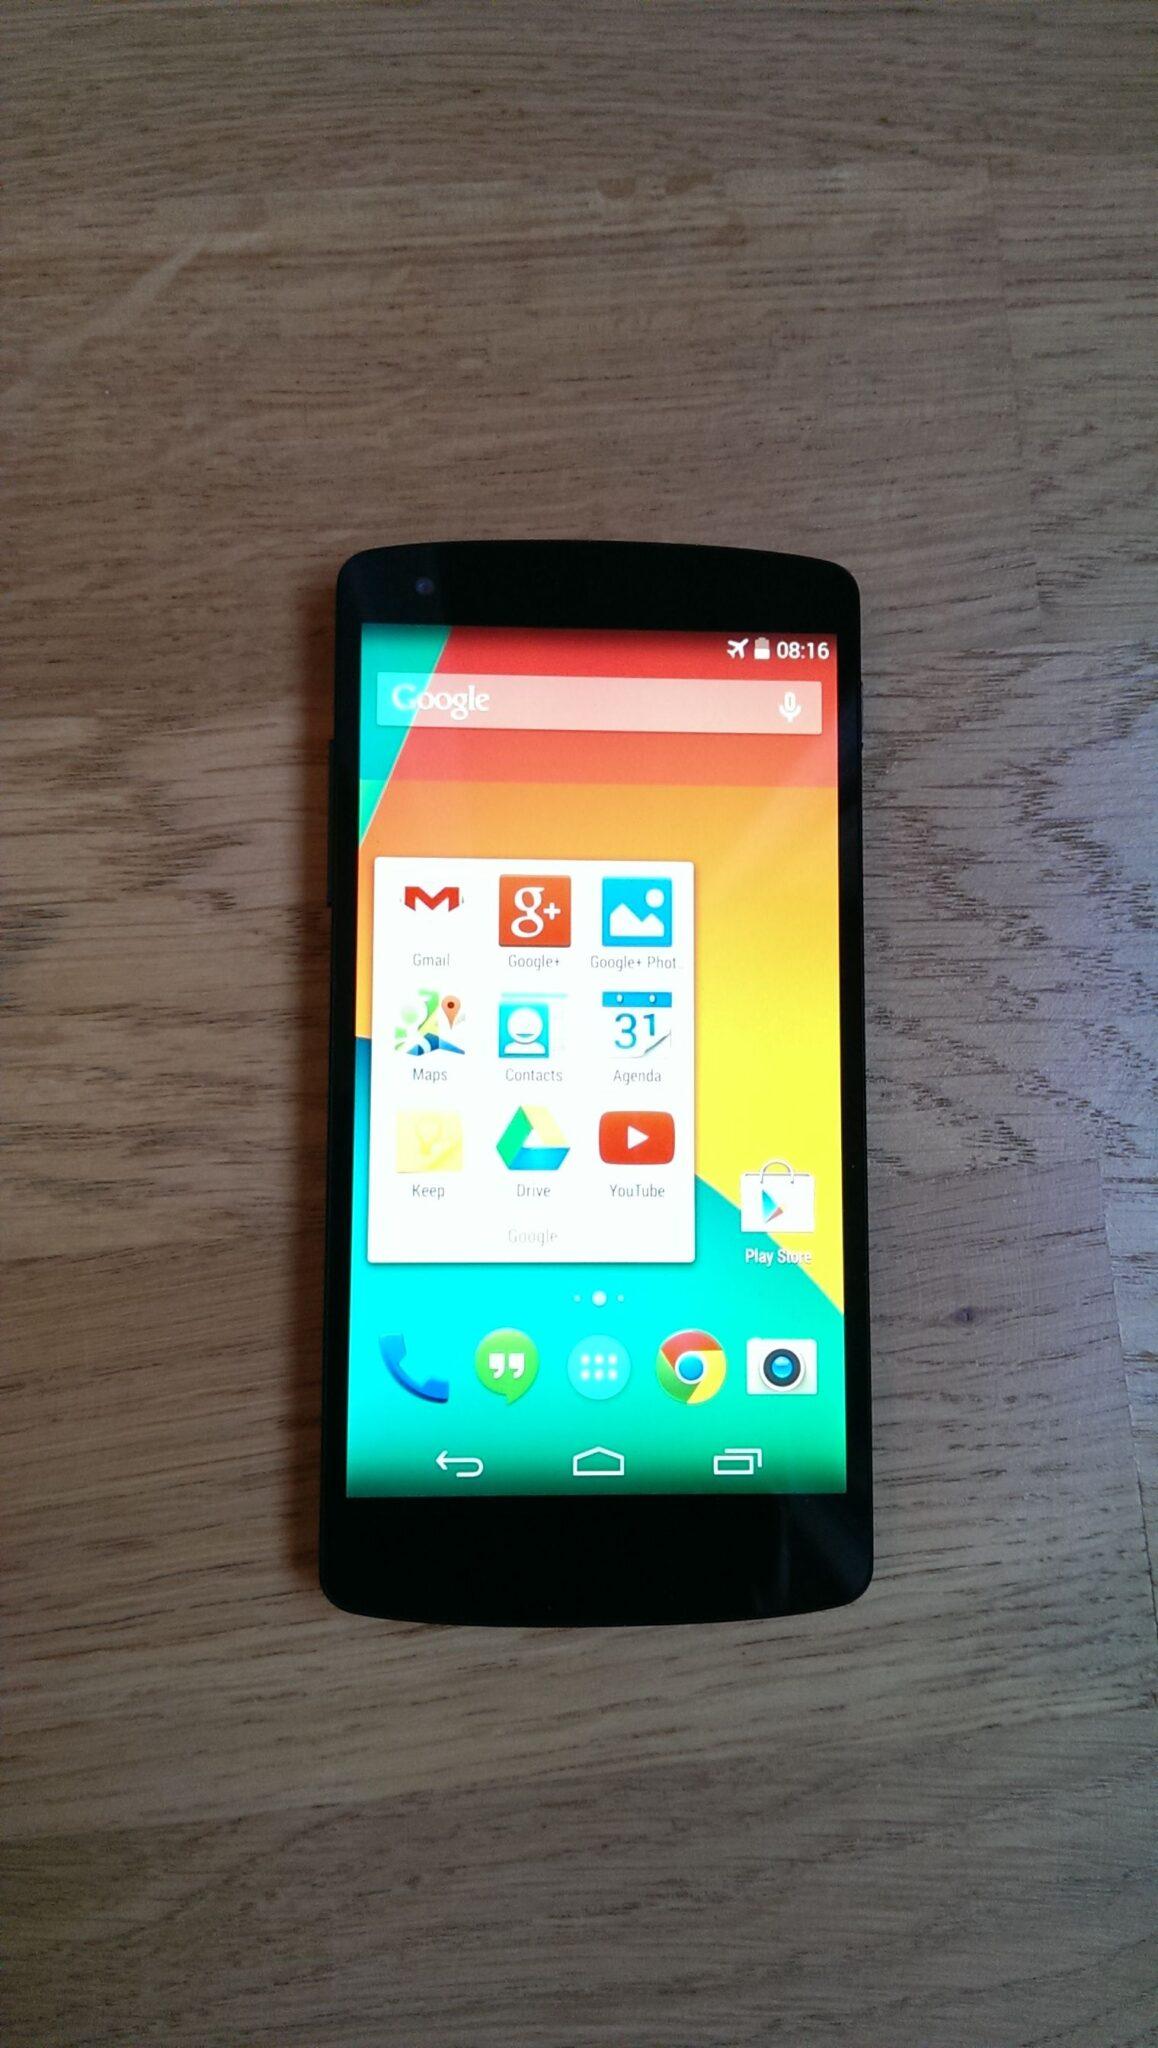 Nexus 5 face droidsoft